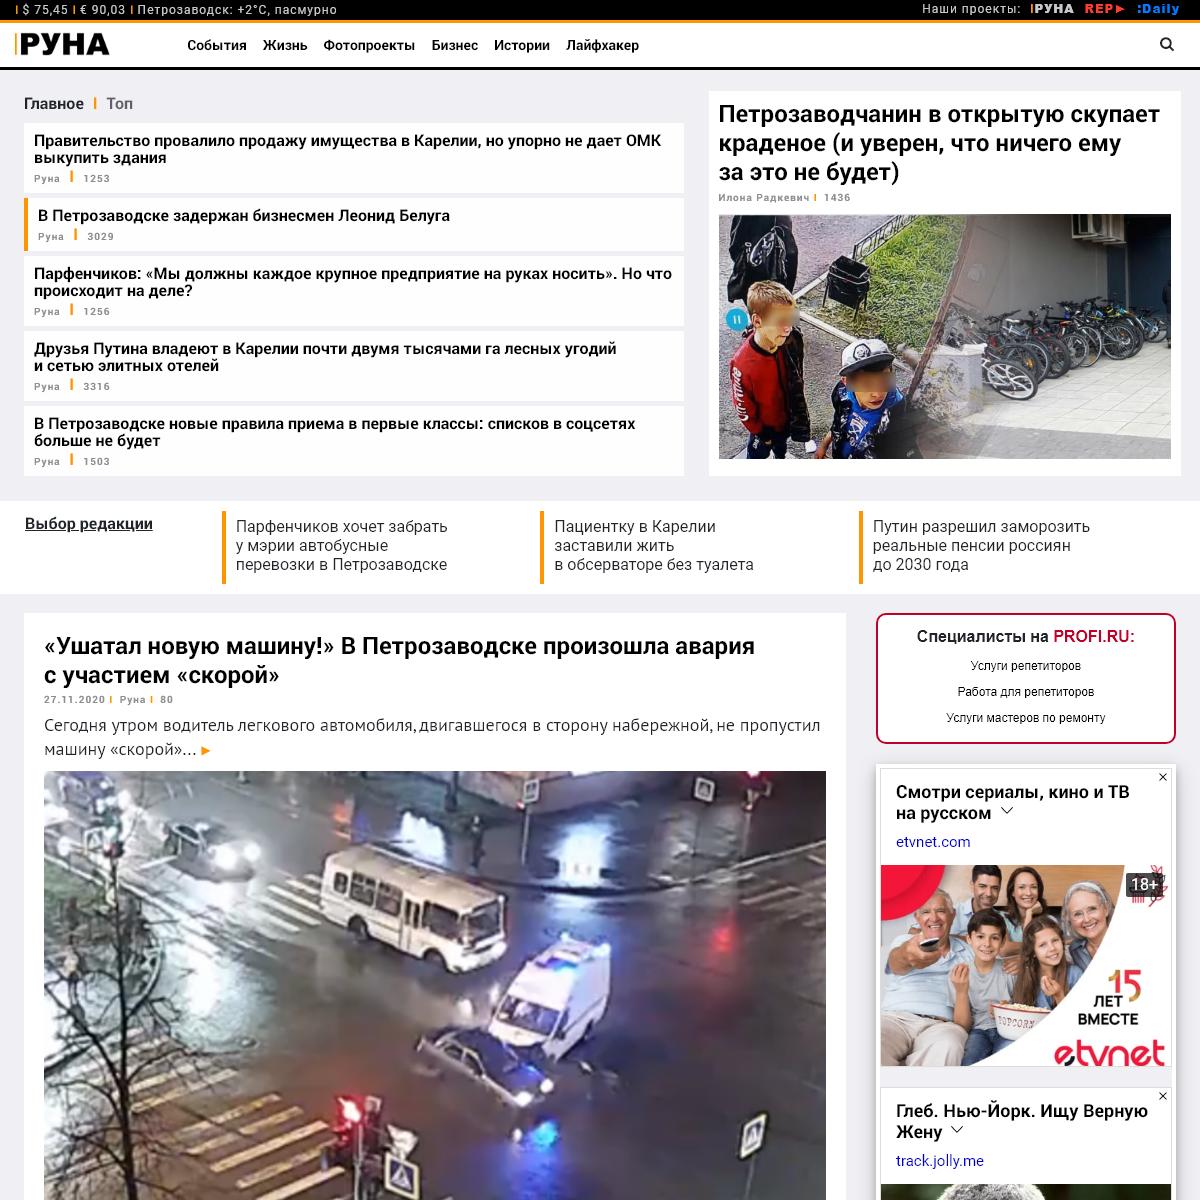 РУНА - Главные новости Петрозаводска и Карелии